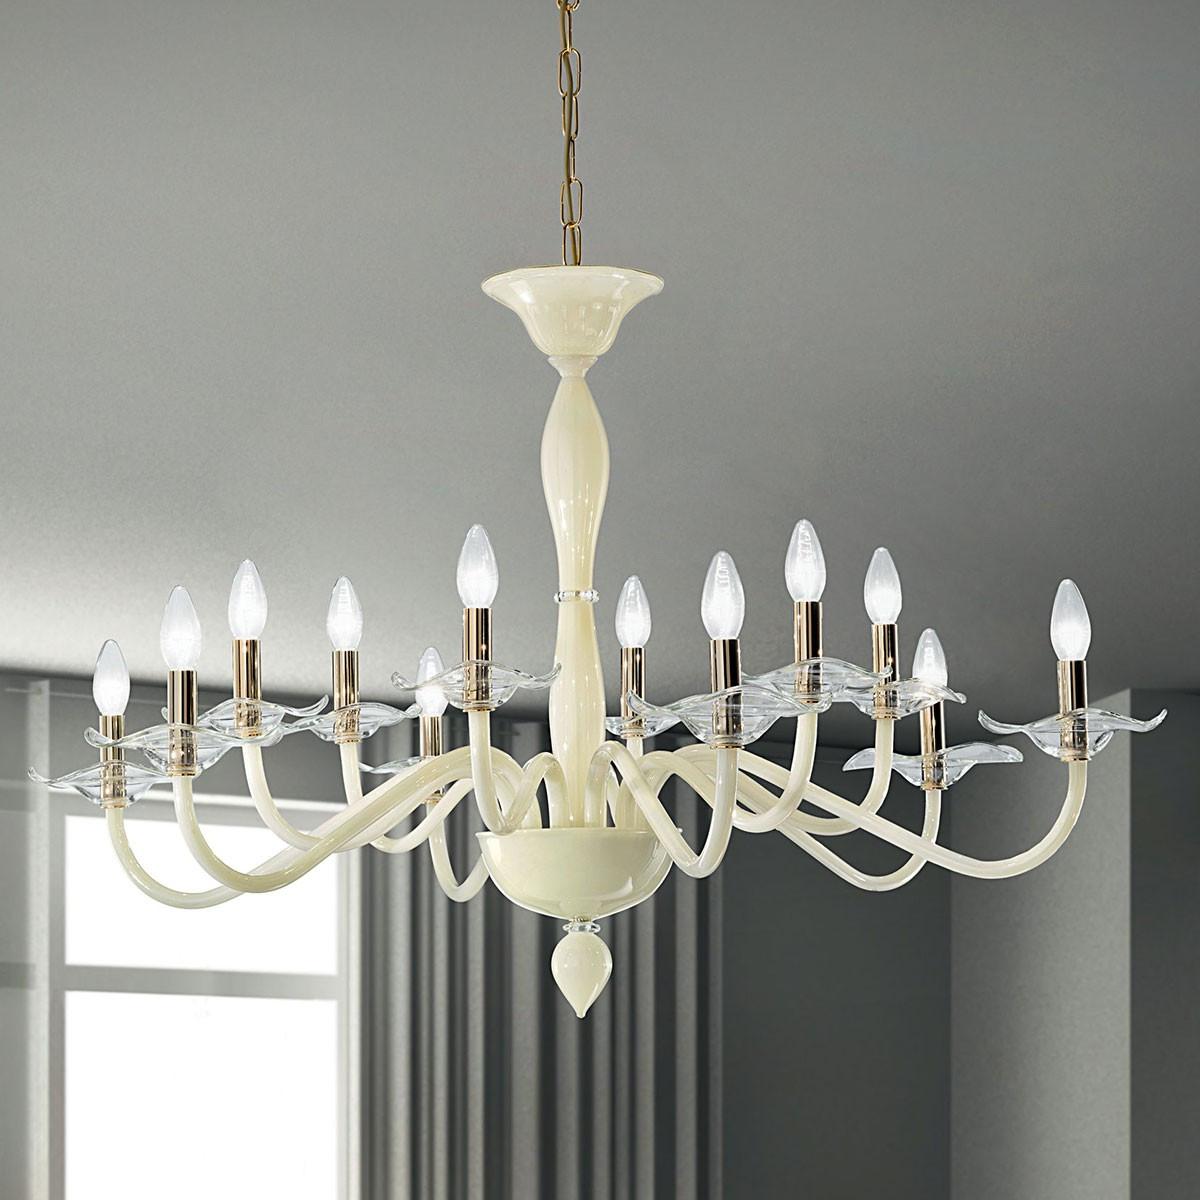 """""""Aragona"""" Murano glas Kronleuchter  - 6+6 flammig - weiß und transparente"""